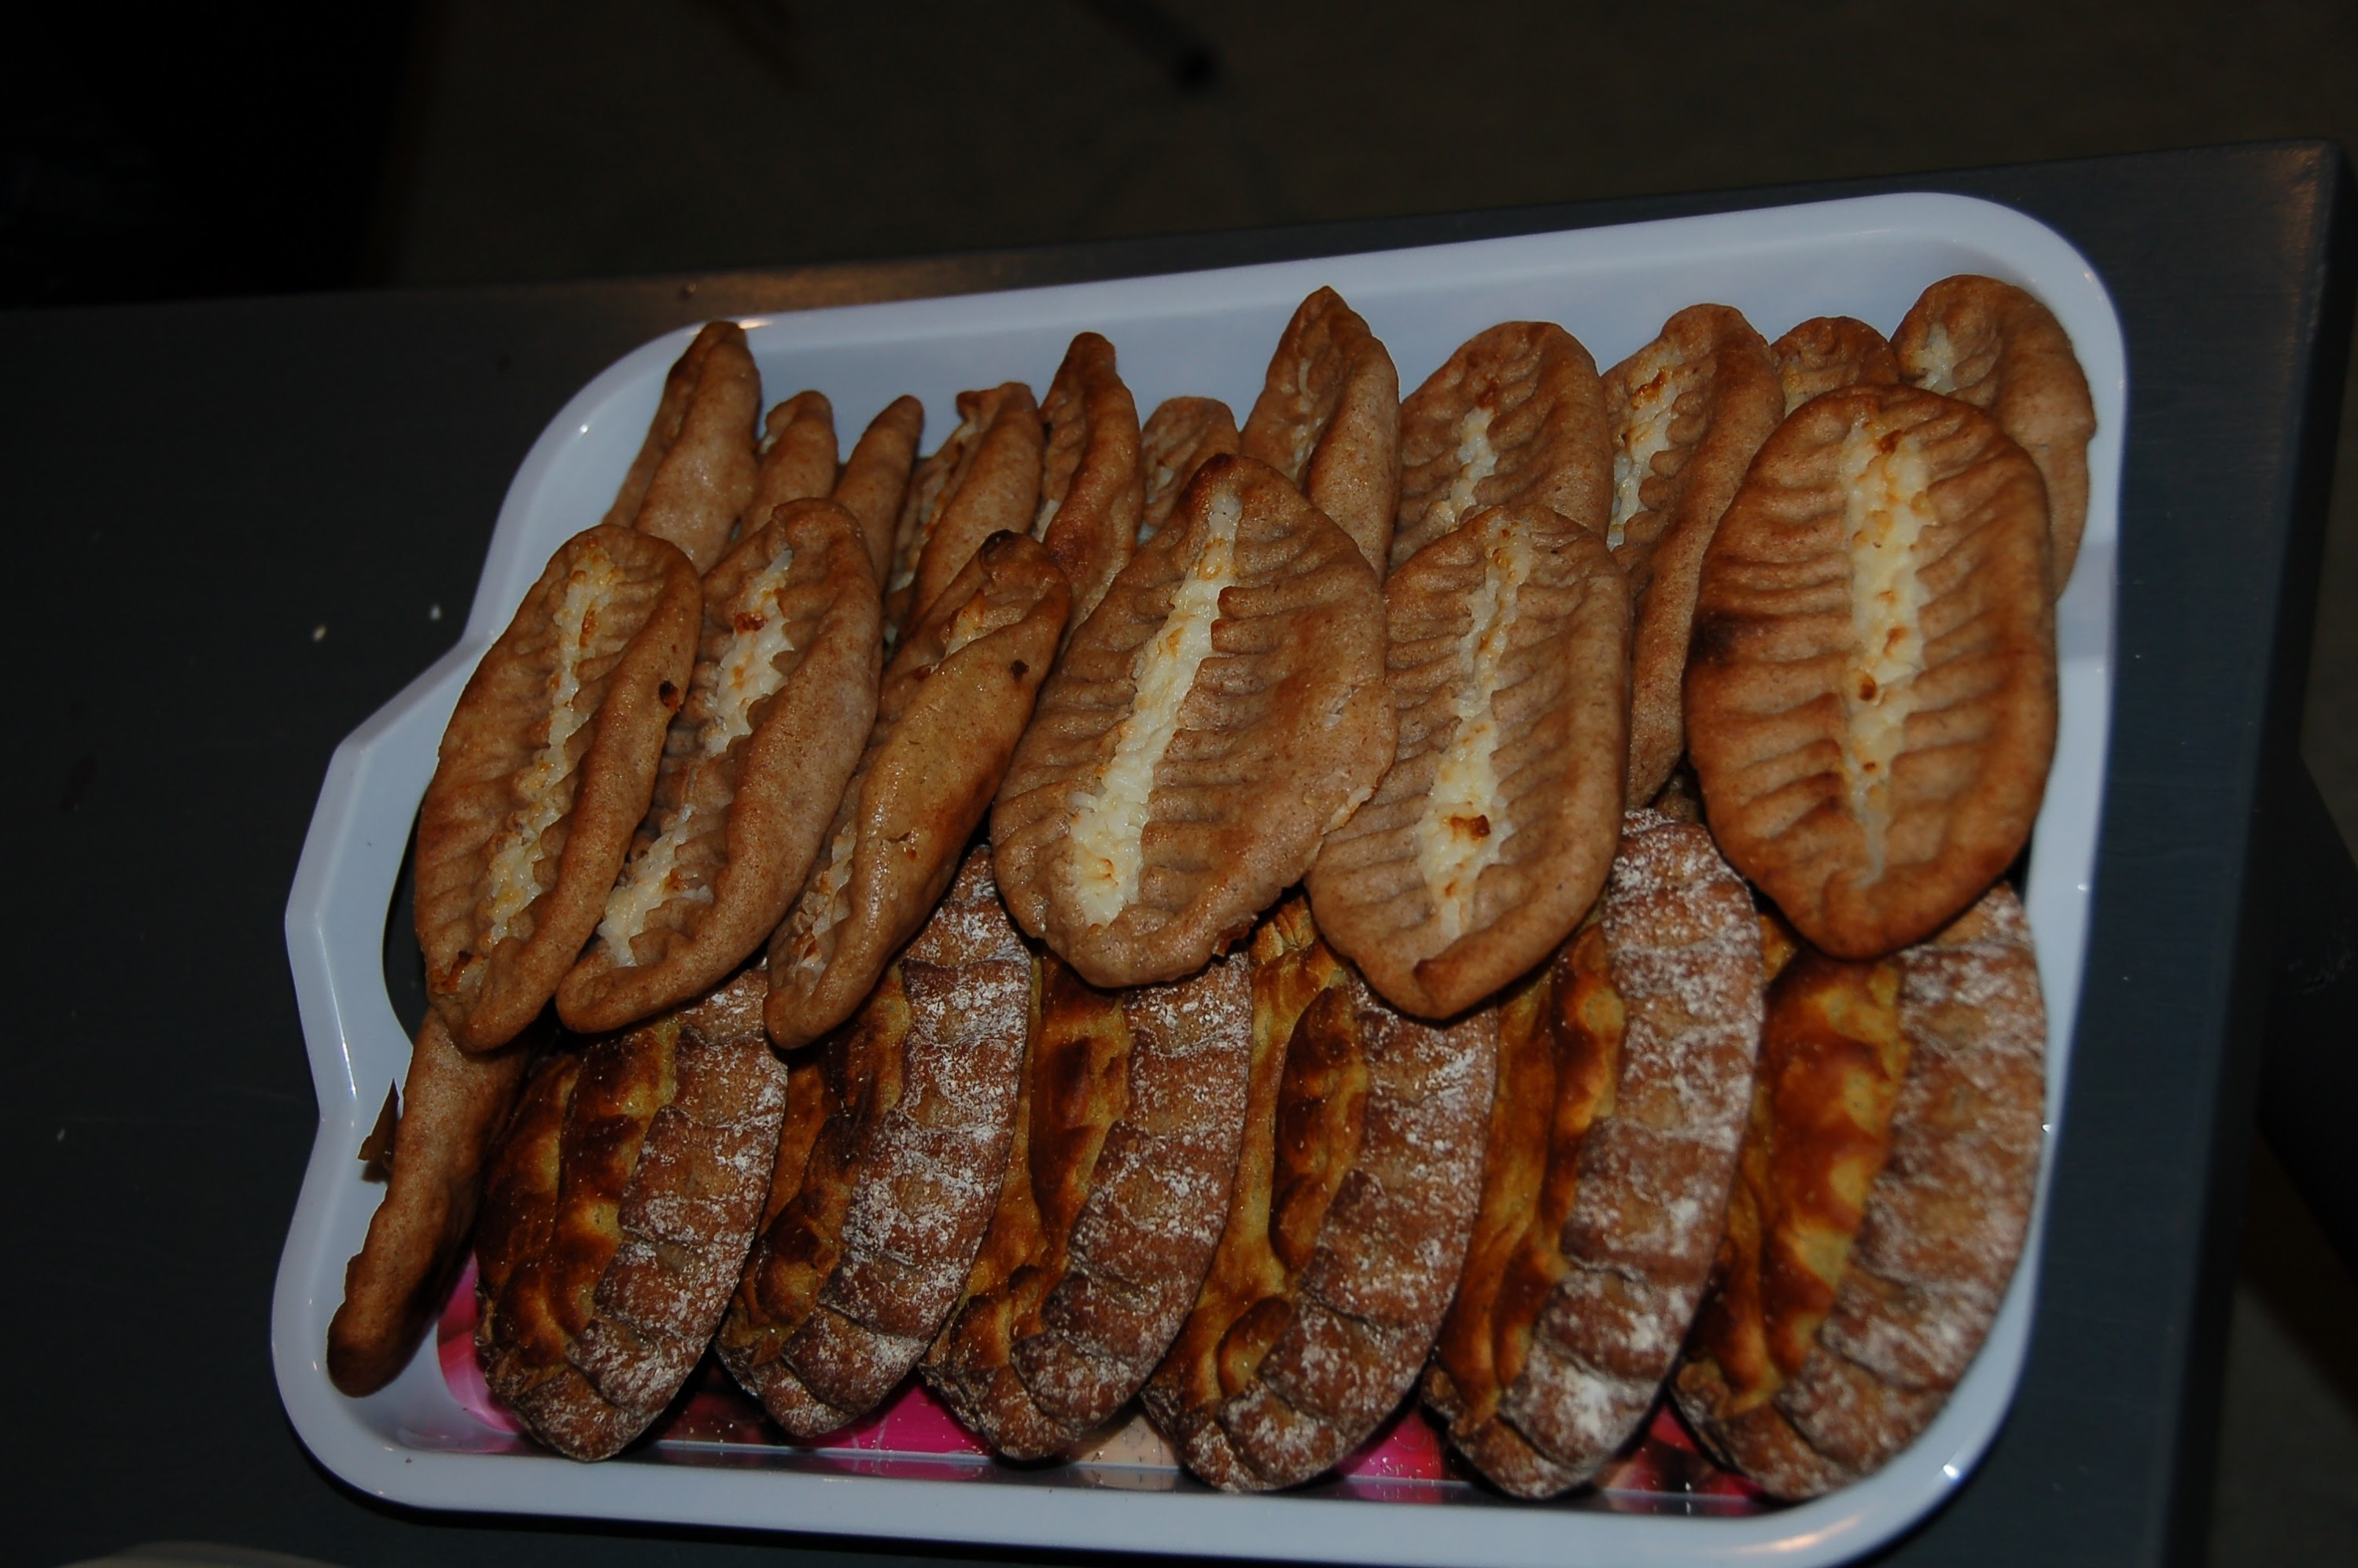 Карельские пирожки — главный перекус: обычно с рисом, сверху можно намазать маслом или смесью масла и варёного яичного желтка<br>